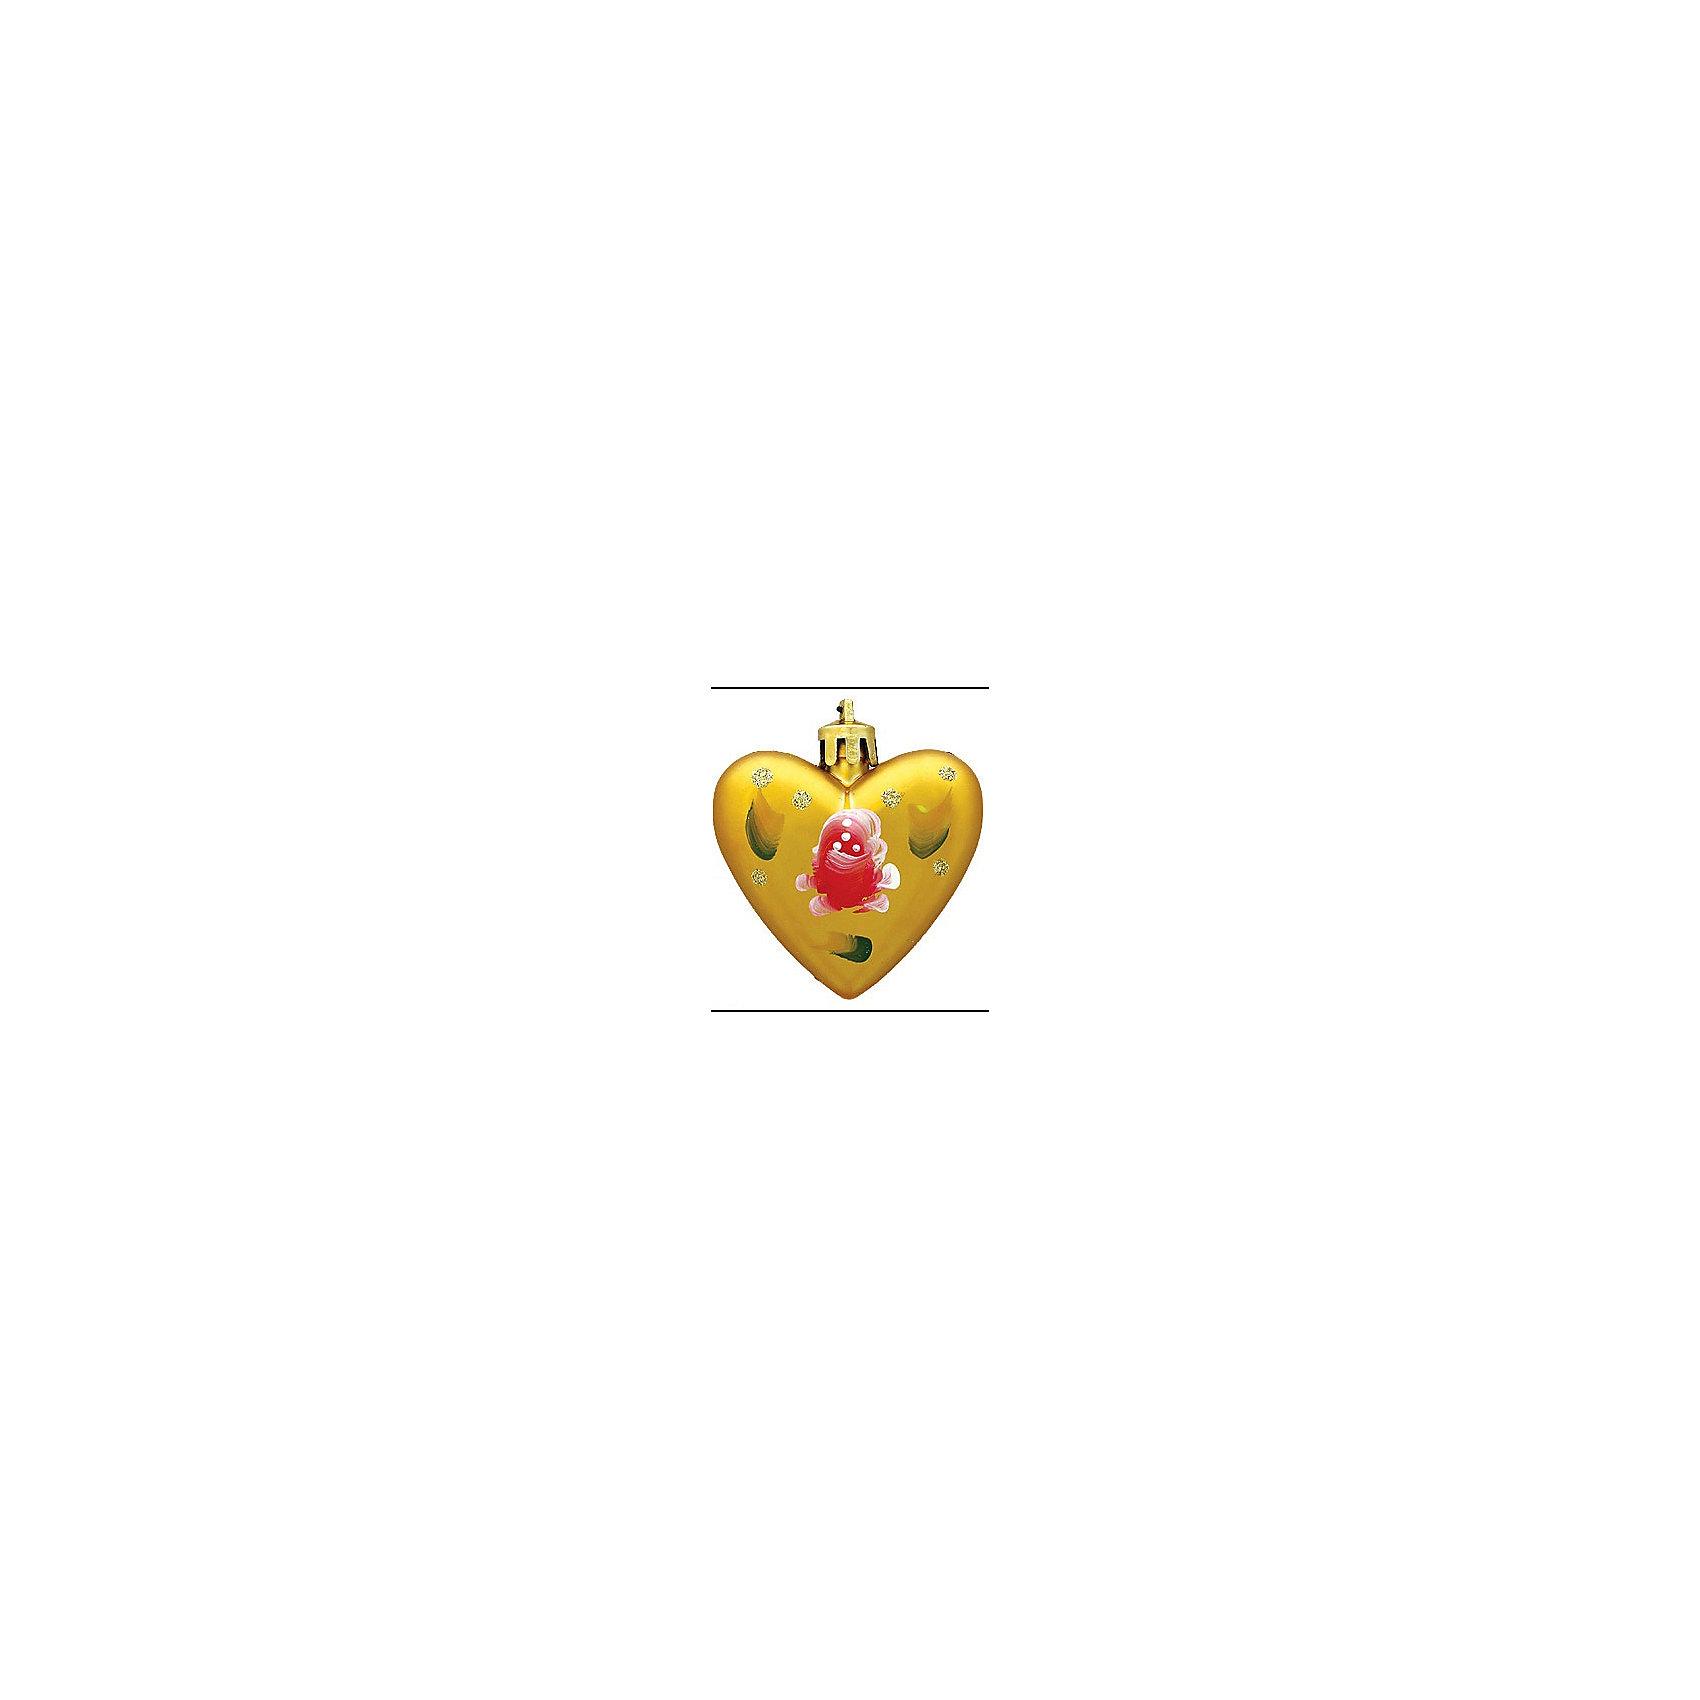 Marko Ferenzo Набор Русская: сердечко 6 см, 4 шт, золото marko ferenzo набор желудей 3 шт grande 4 см золотой